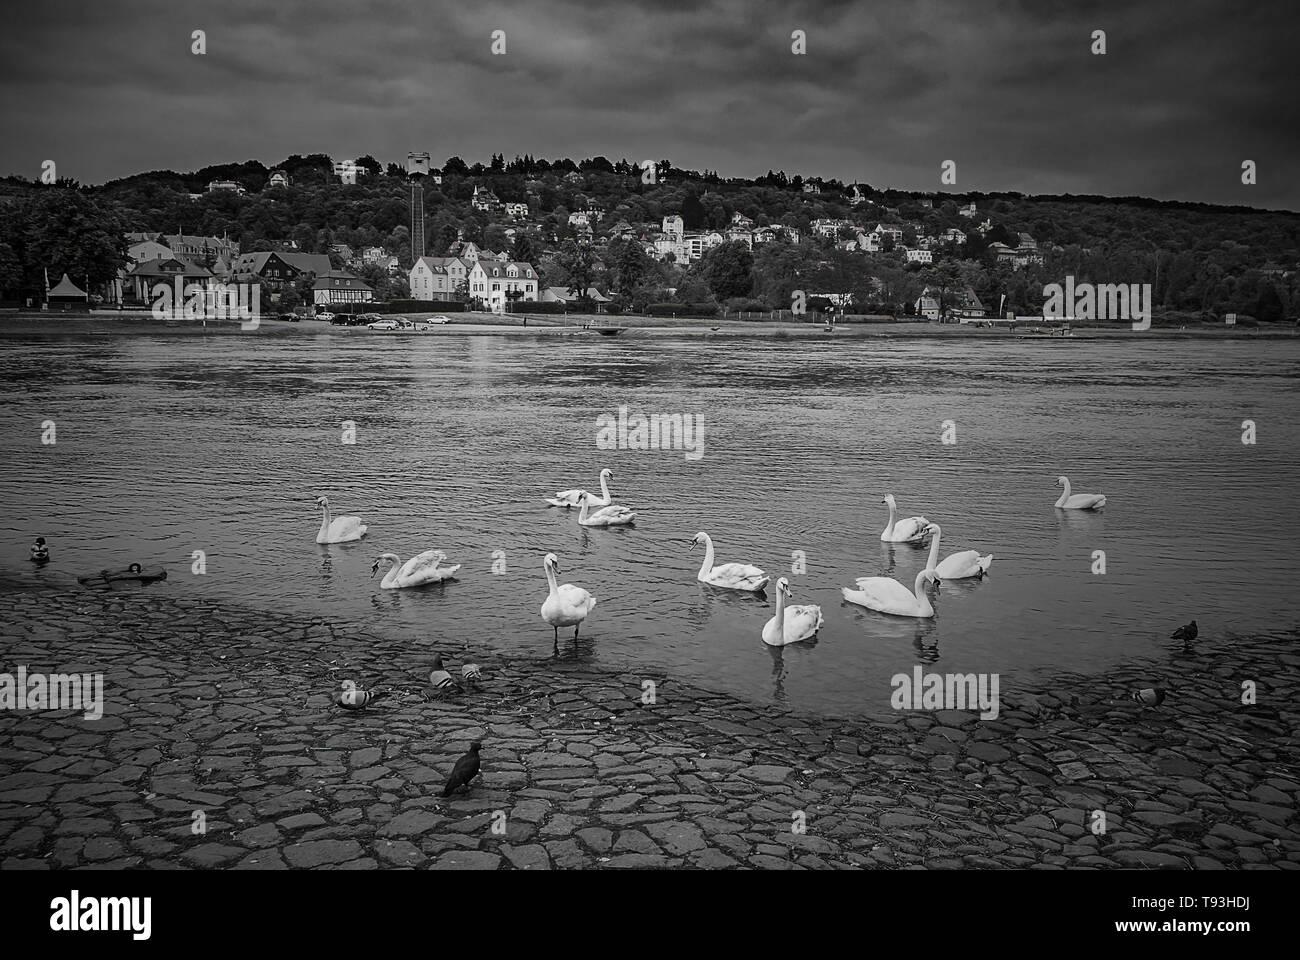 Schwäne und andere Vögel am Ufer der Elbe im Stadtteil Blasewitz mit Blick auf den Stadtteil Loschwitz, Dresden, Sachsen, Deutschland. Stockfoto